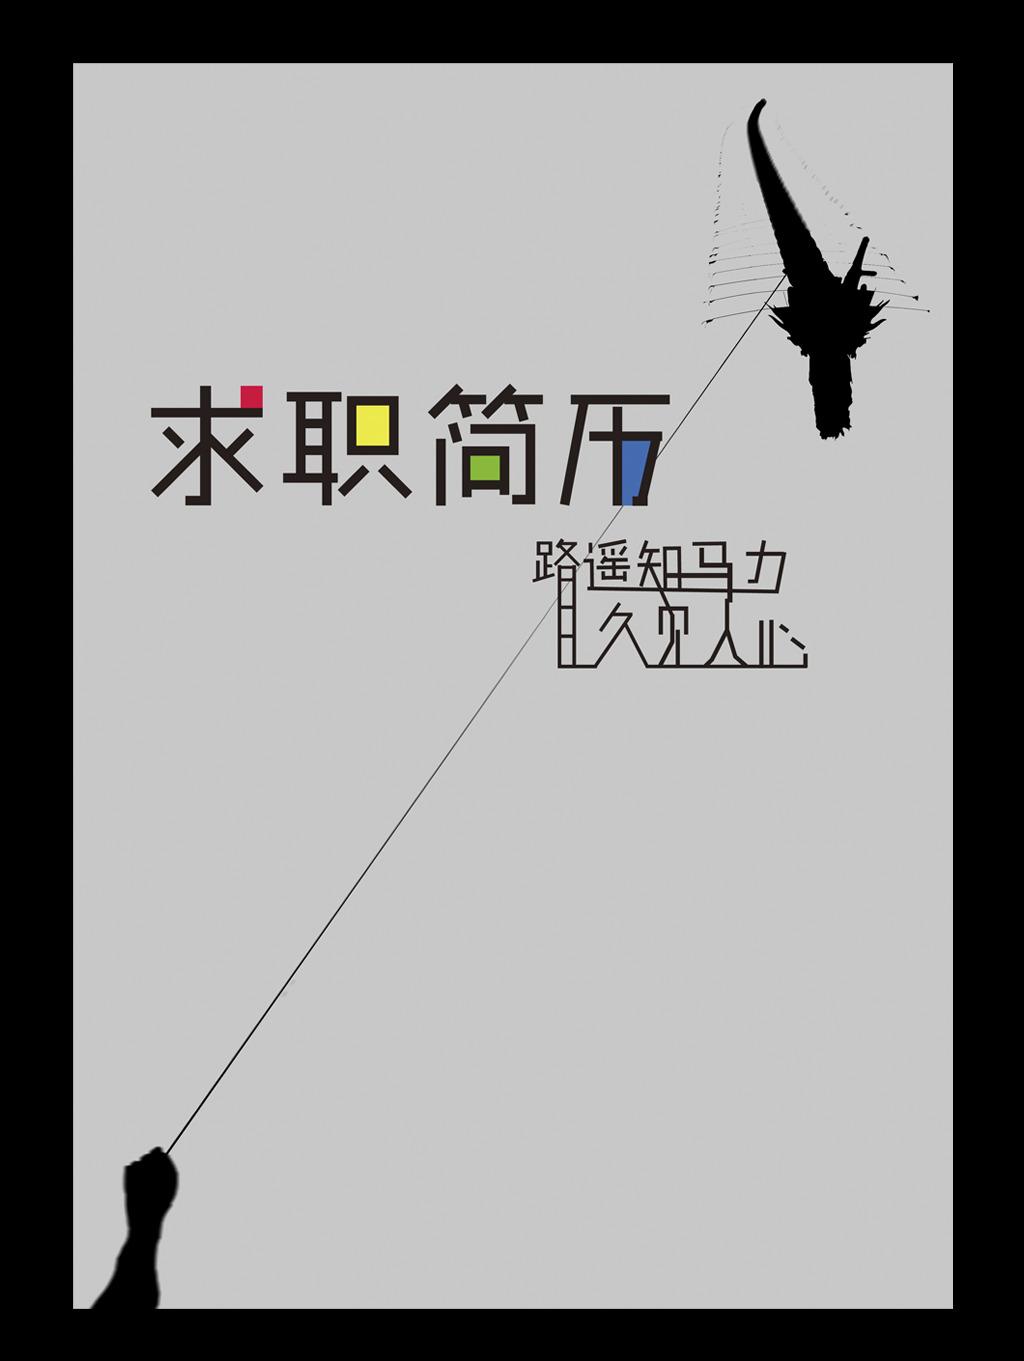 应聘简历 大学生简历 简历封面图片